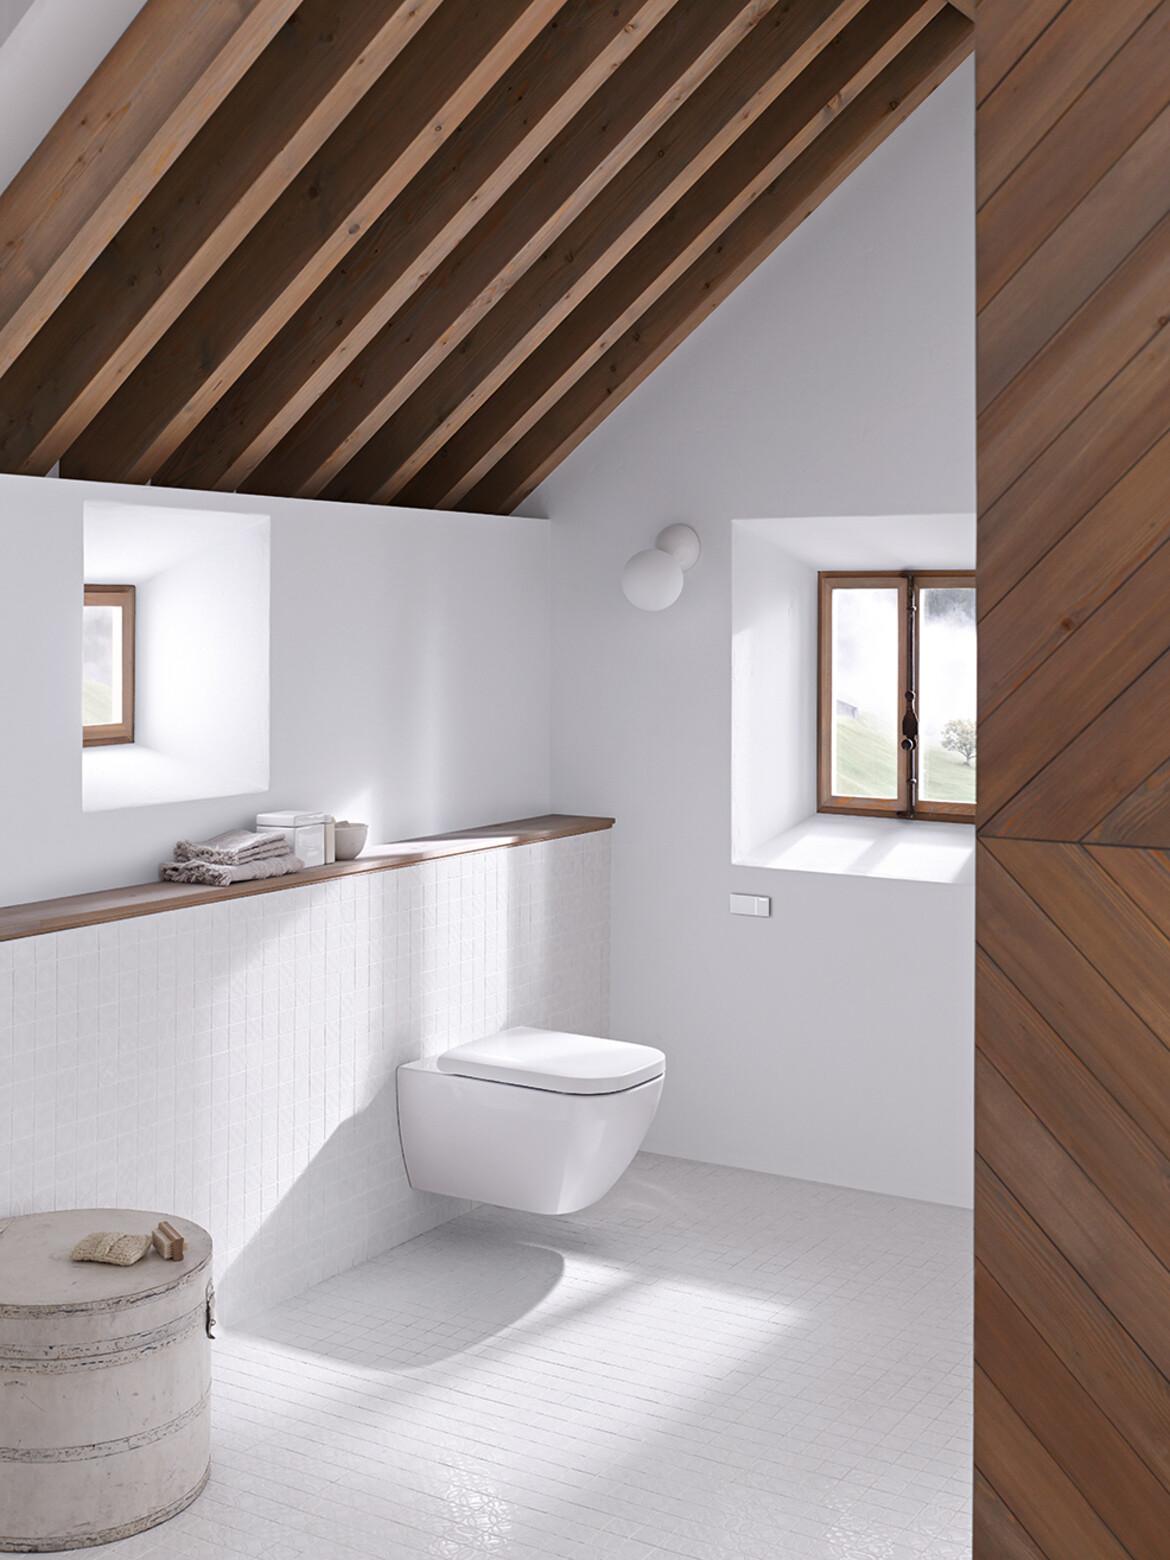 sanita-flutuante-design-de-interiores-para-as-casa-de-banho-em-2019